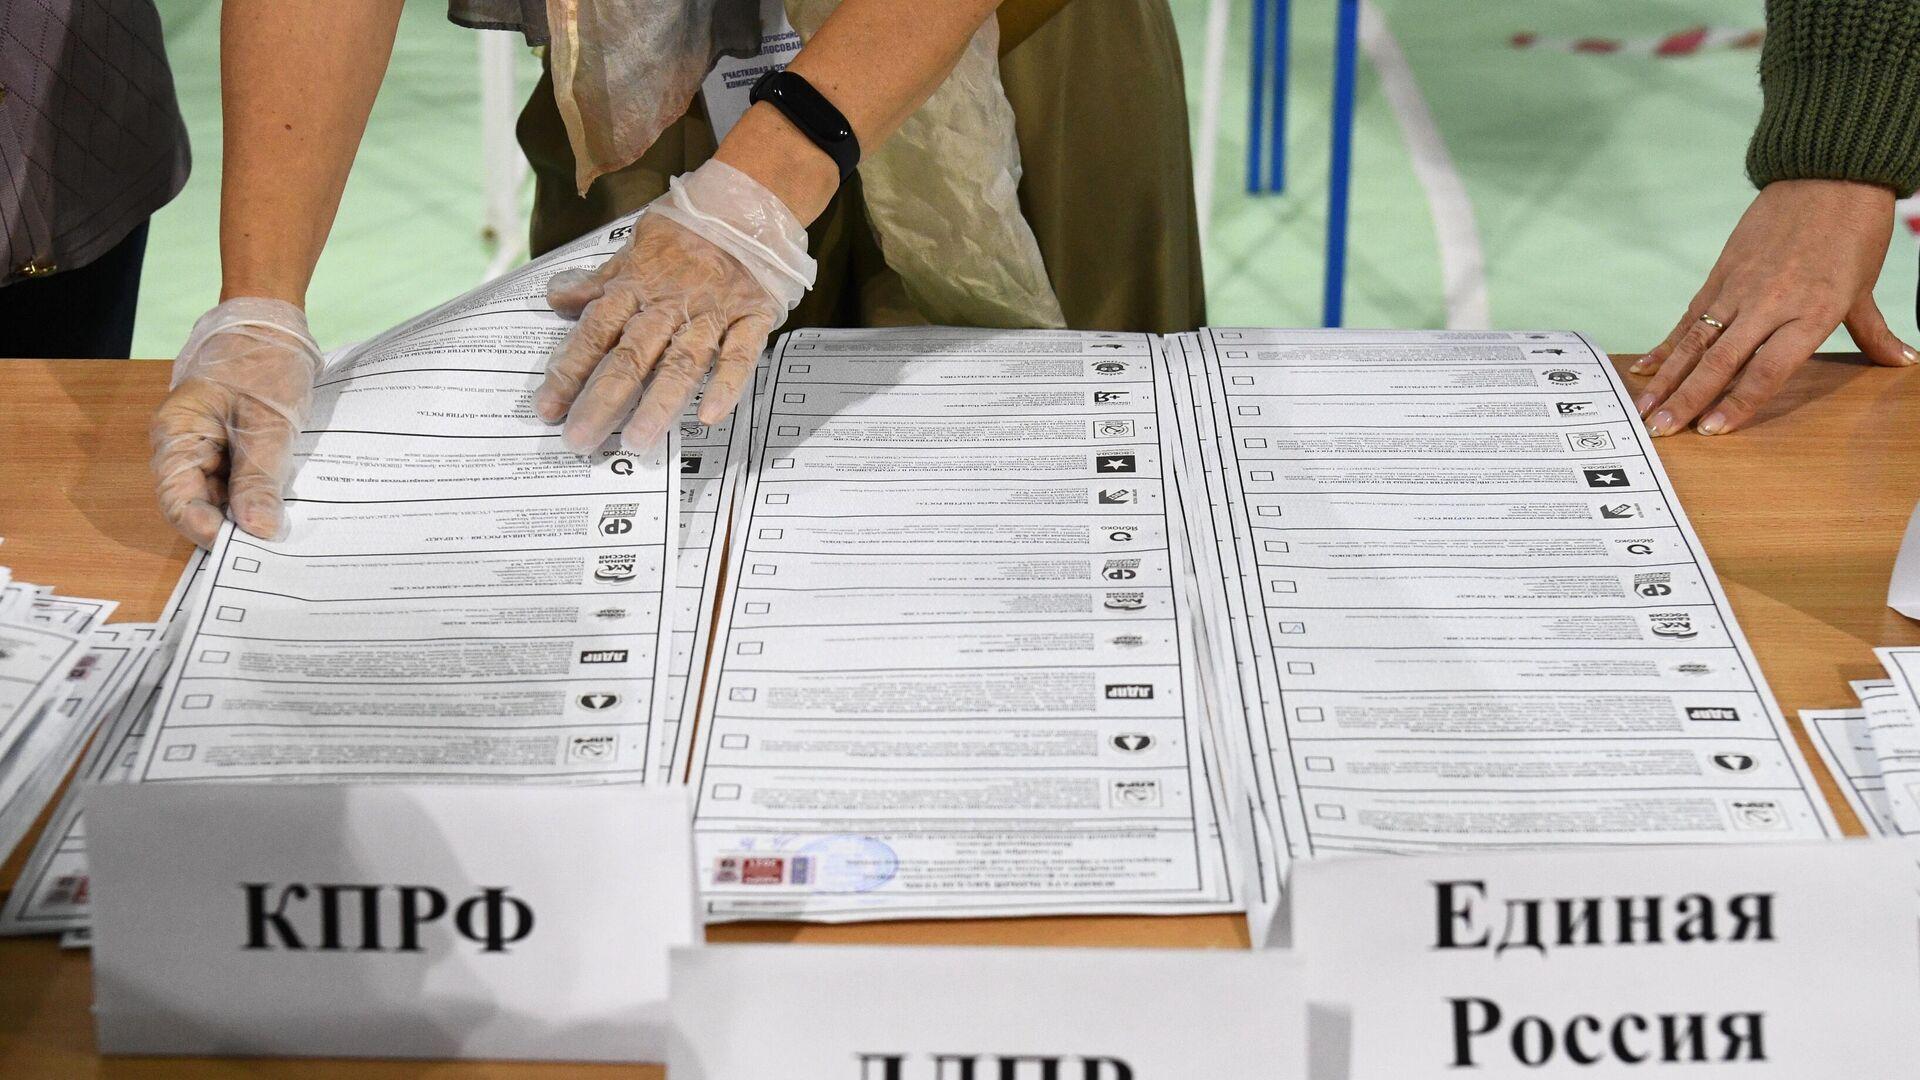 Пребројавање гласова на парламентарним изборима у Русији - Sputnik Србија, 1920, 20.09.2021